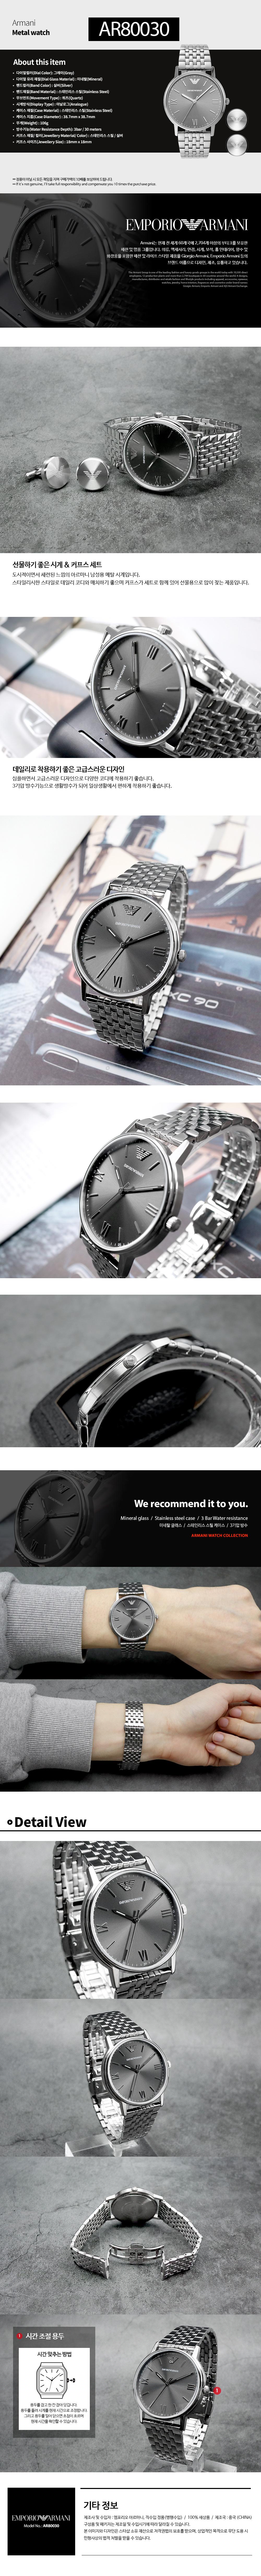 엠포리오 아르마니(EMPORIO ARMANI) AR80030 남성 커프스 시계 세트